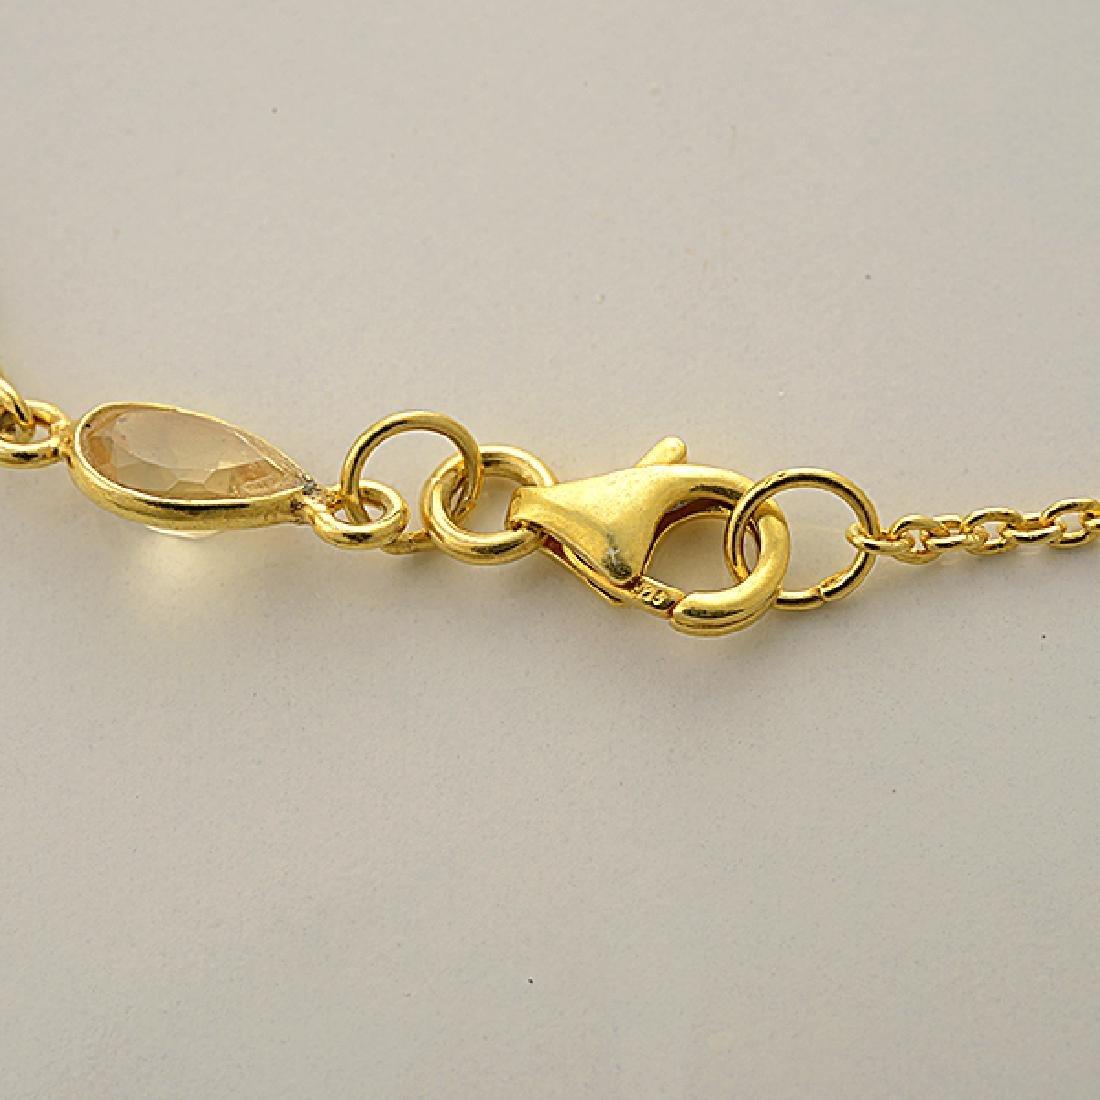 Quartz, Vermeil Necklace. - 4